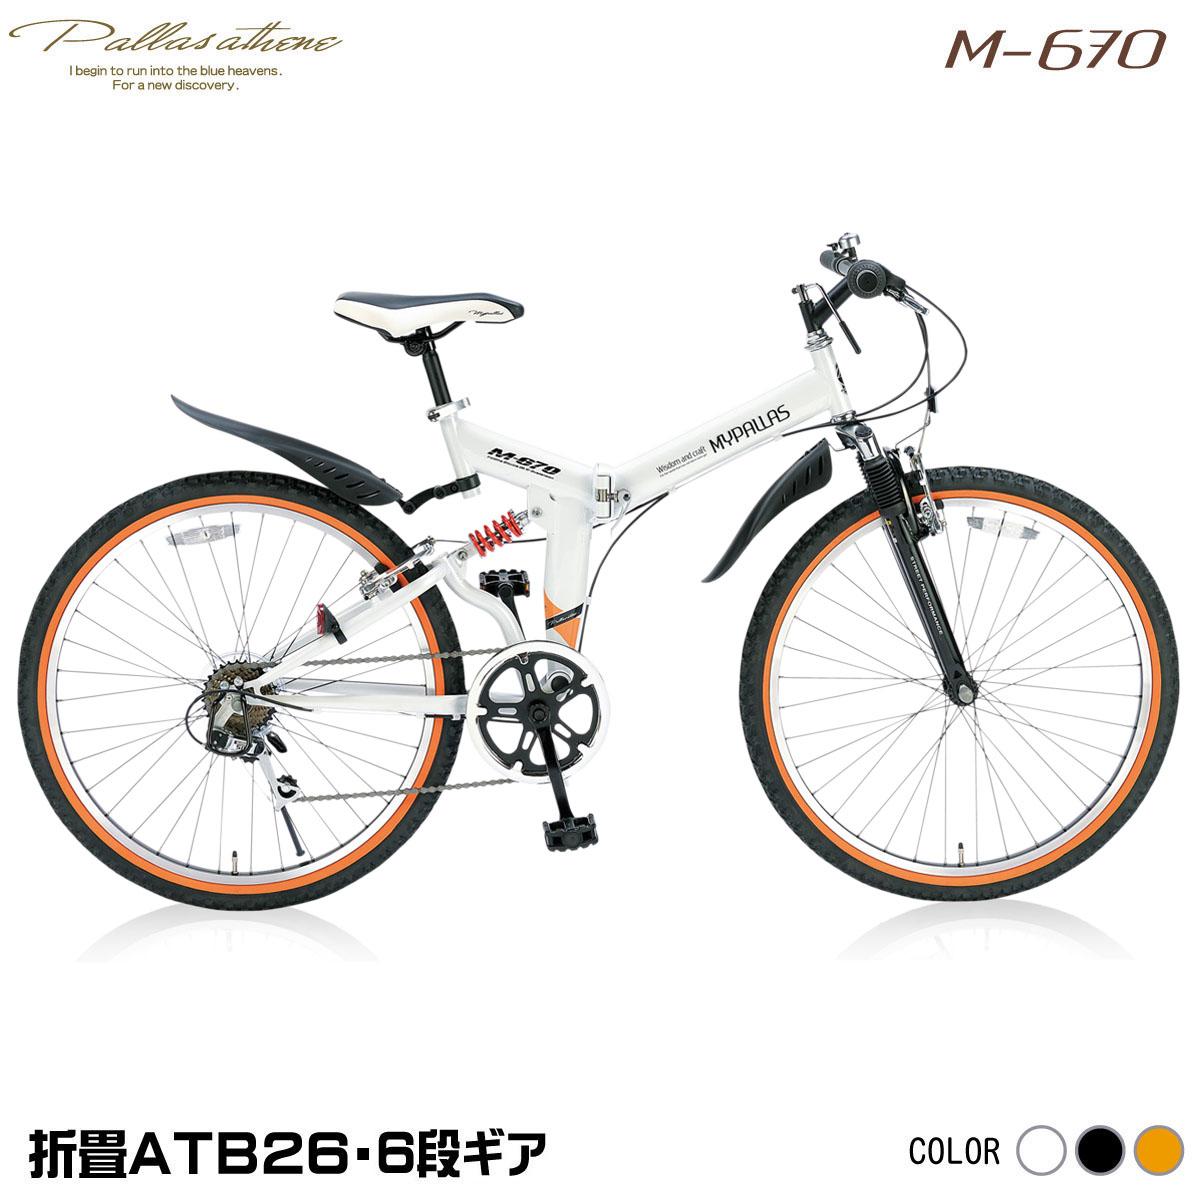 【送料無料】マイパラス M-670-W ホワイト [折りたたみATB(26インチ) 6段変速]【同梱配送不可】【代引き不可】【本州以外の配送不可】